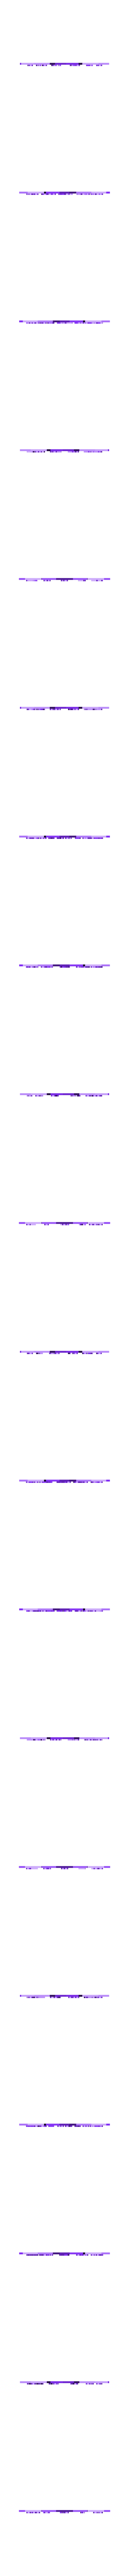 Uhr_Stern_innen.stl Télécharger fichier STL gratuit Horloge 5 • Design pour imprimante 3D, Wailroth3D